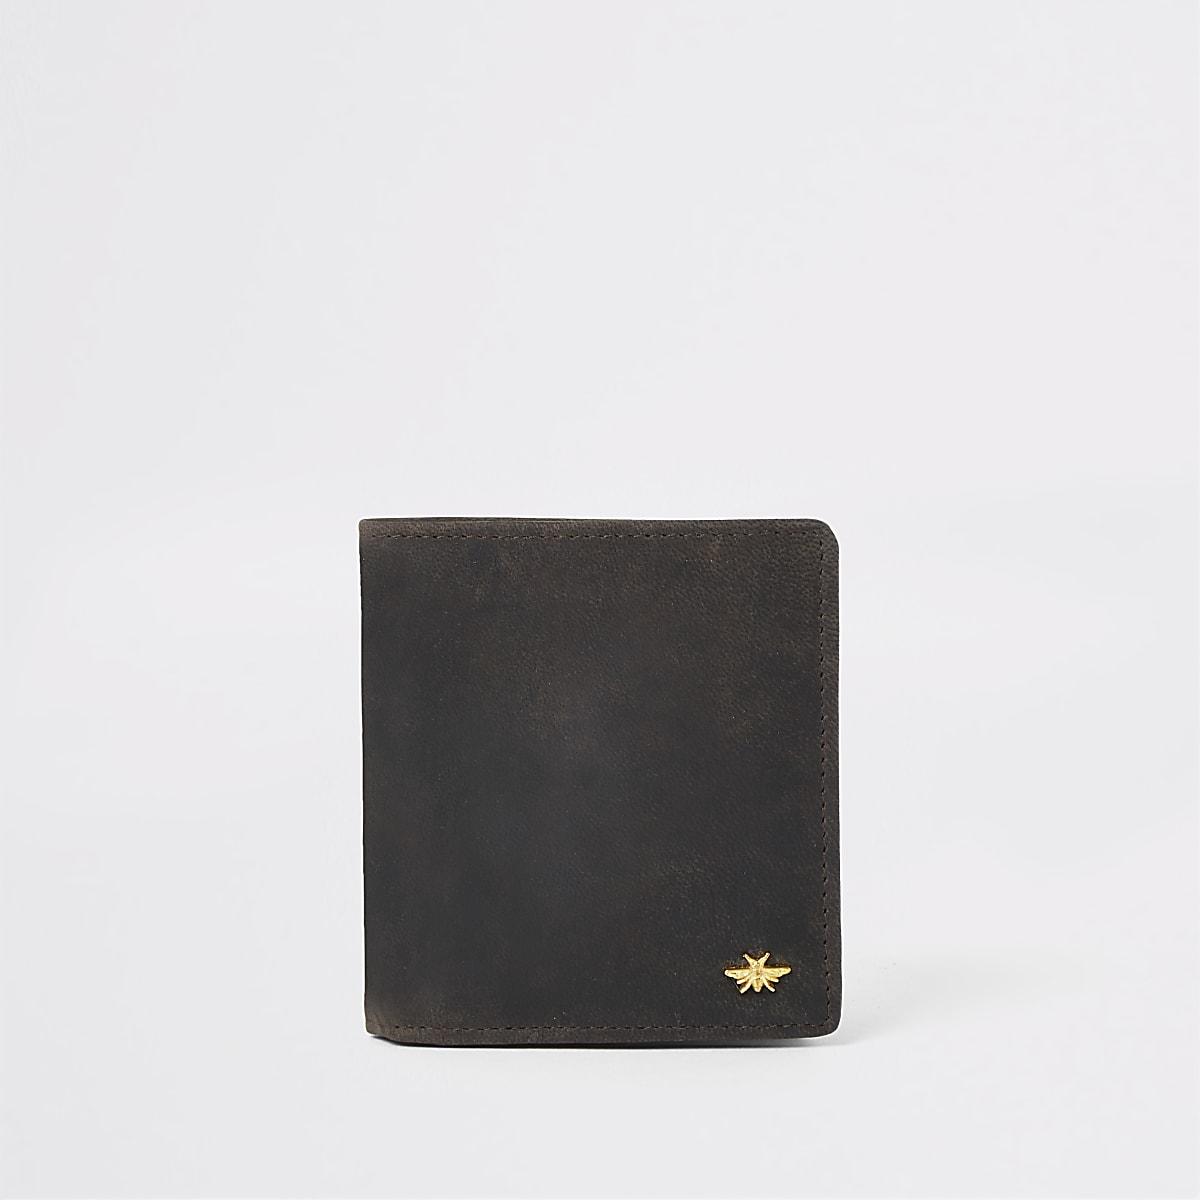 Dark brown leather wasp wallet